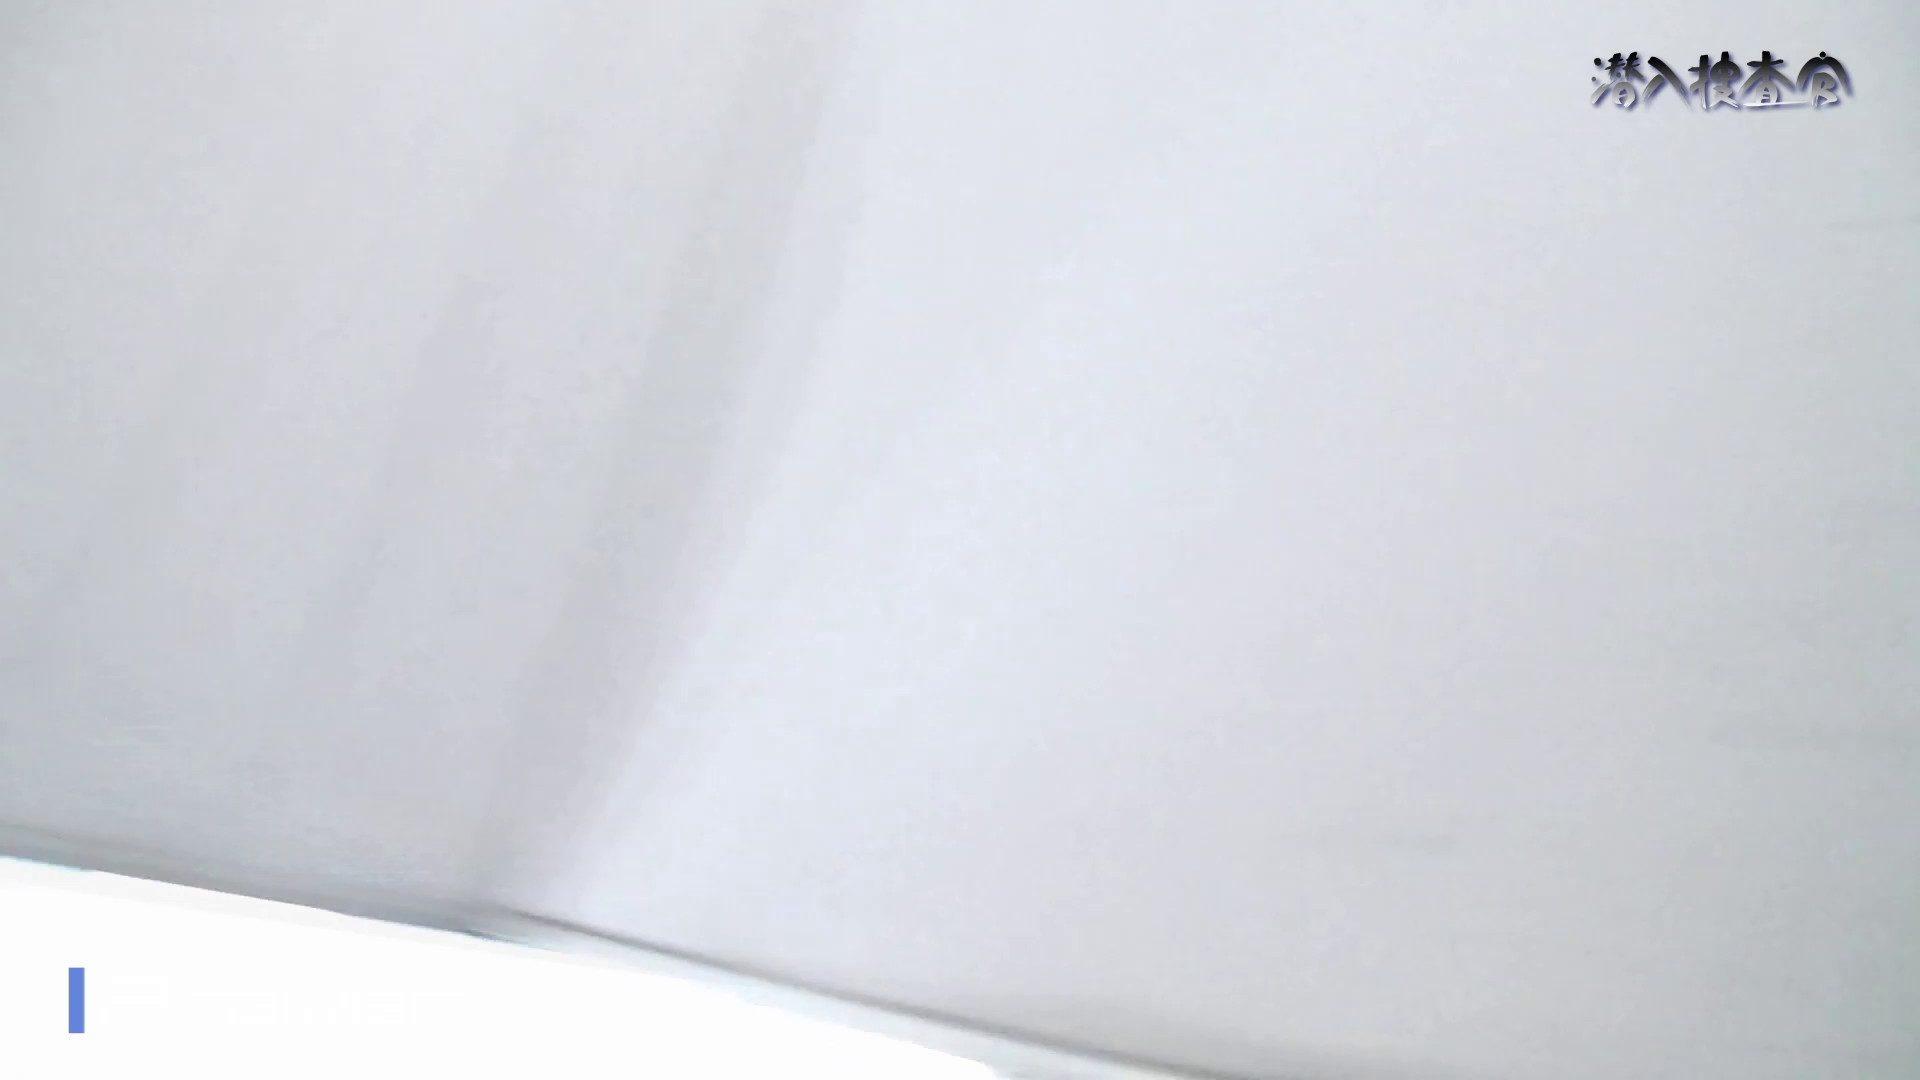 なんだこれ!35 完全に閉じている純白な「蕾」 ギャル  111PIX 107